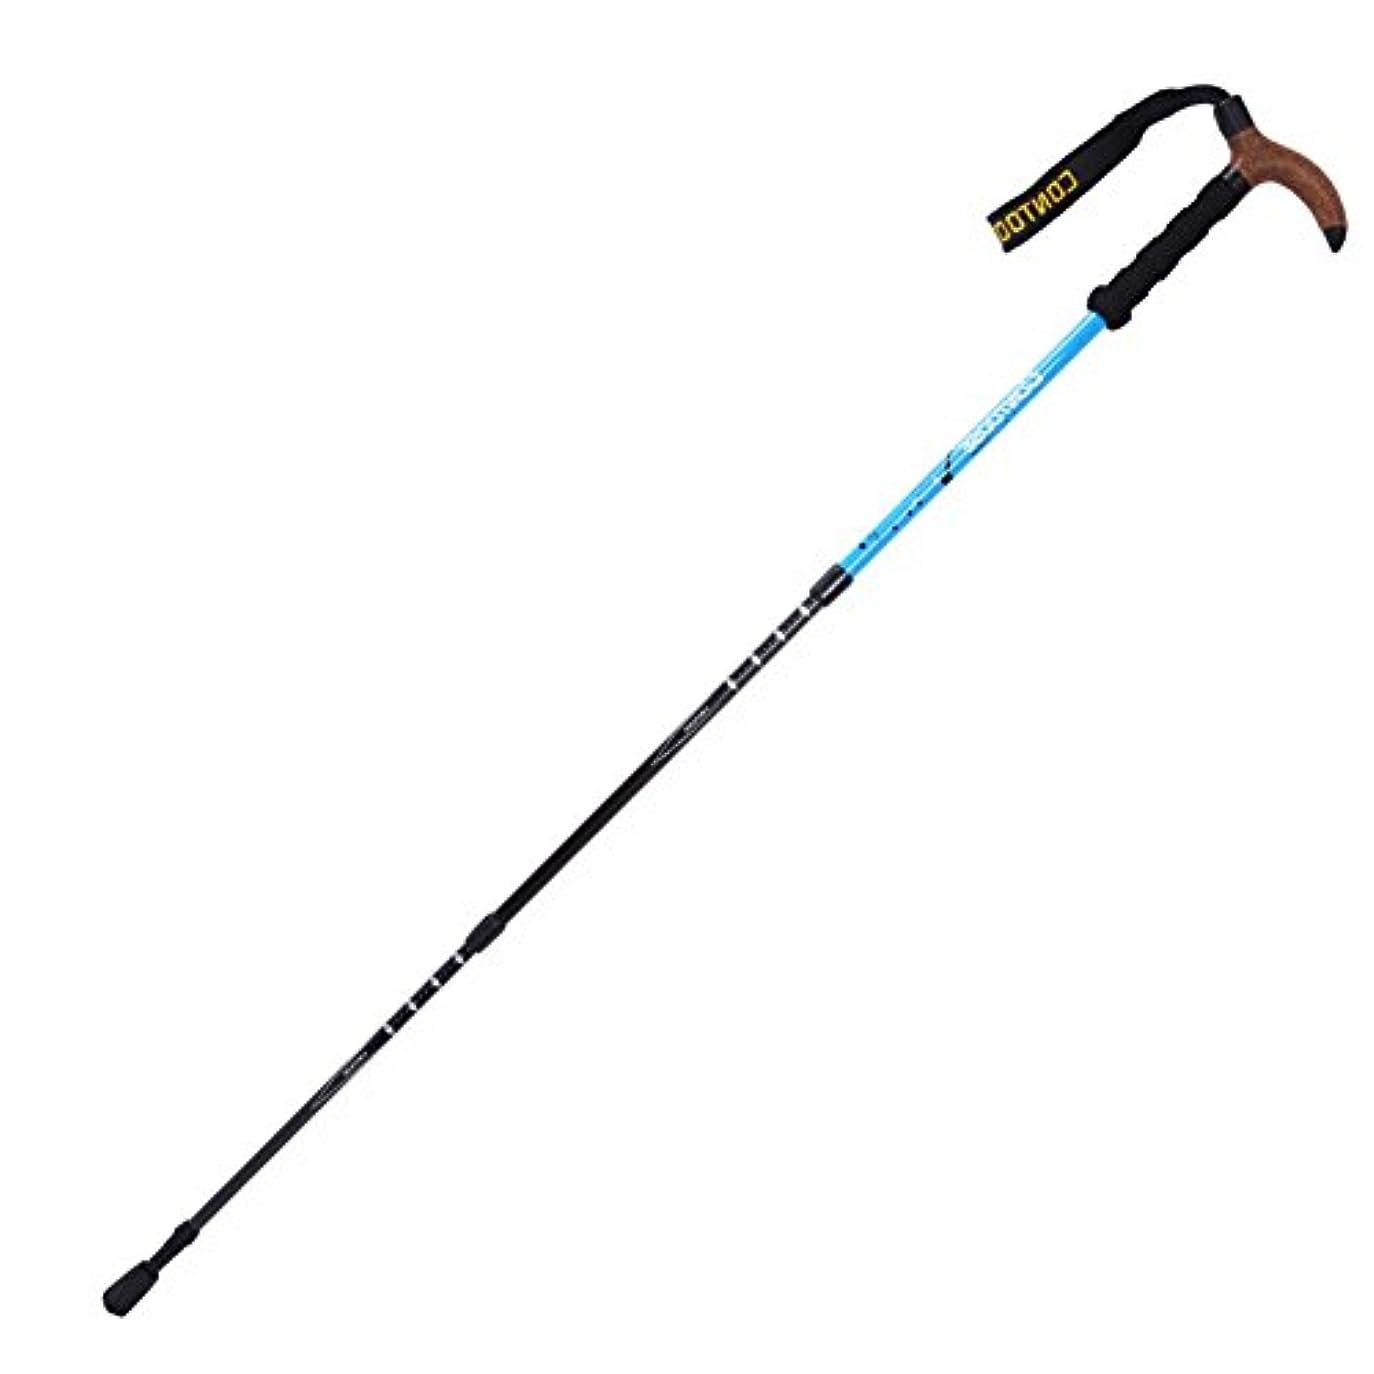 遅れミサイルジレンマトレッキングポール コルク, 軽量 杖?ステッキ 屋外 炭素繊維 松葉杖 折り畳み式 テレスコ ピック 機器 T 型 3つのトレッキングポール- 24inch